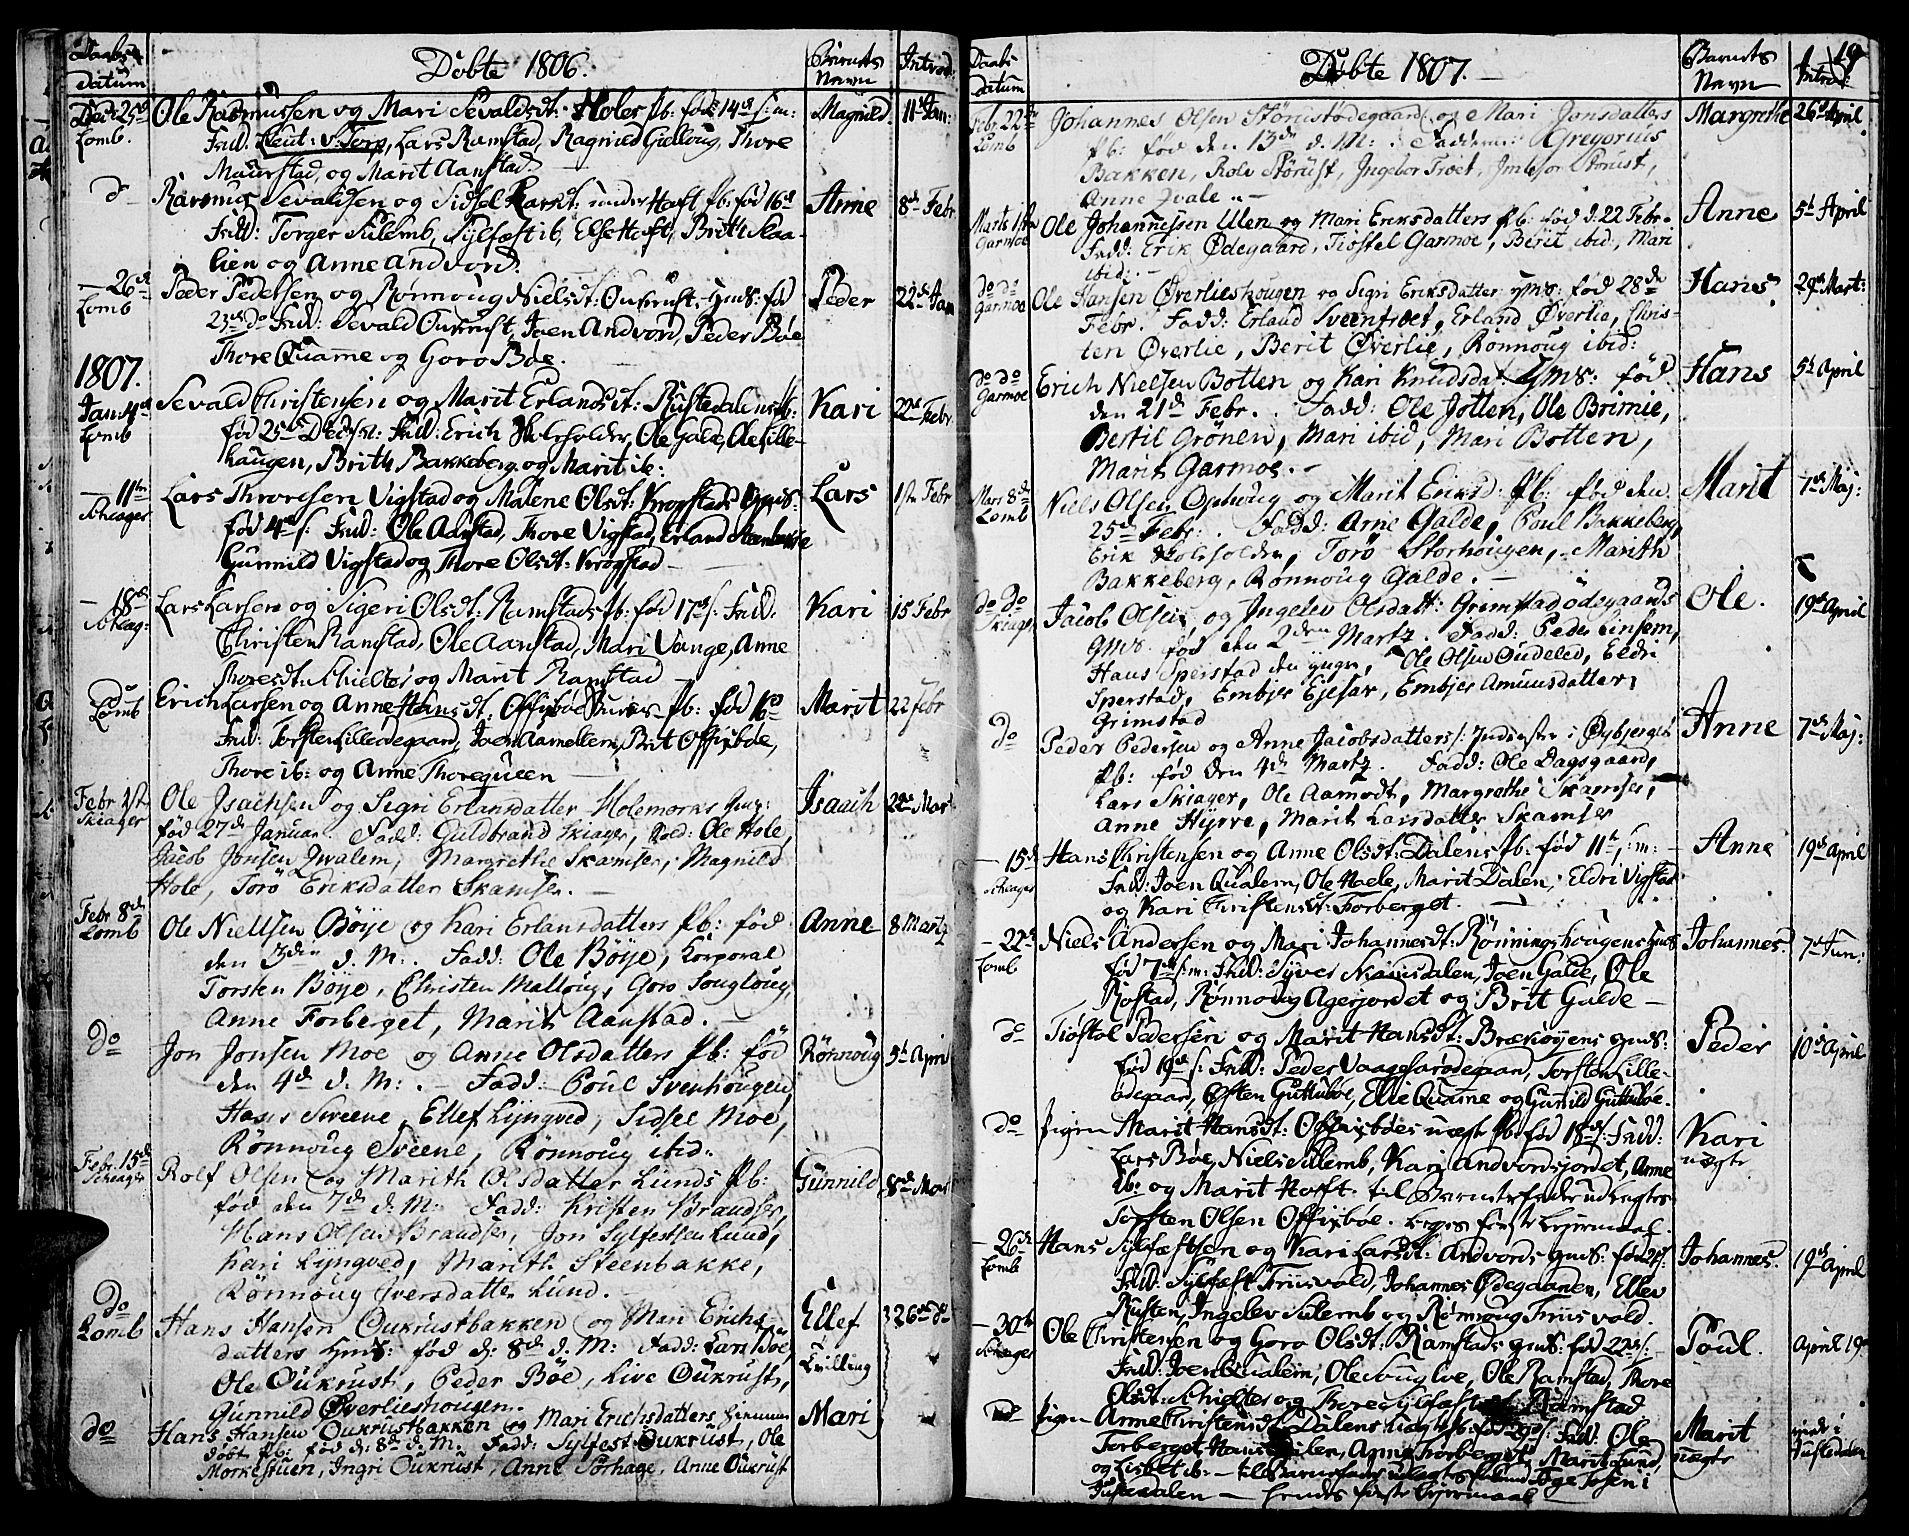 SAH, Lom prestekontor, K/L0003: Ministerialbok nr. 3, 1801-1825, s. 19